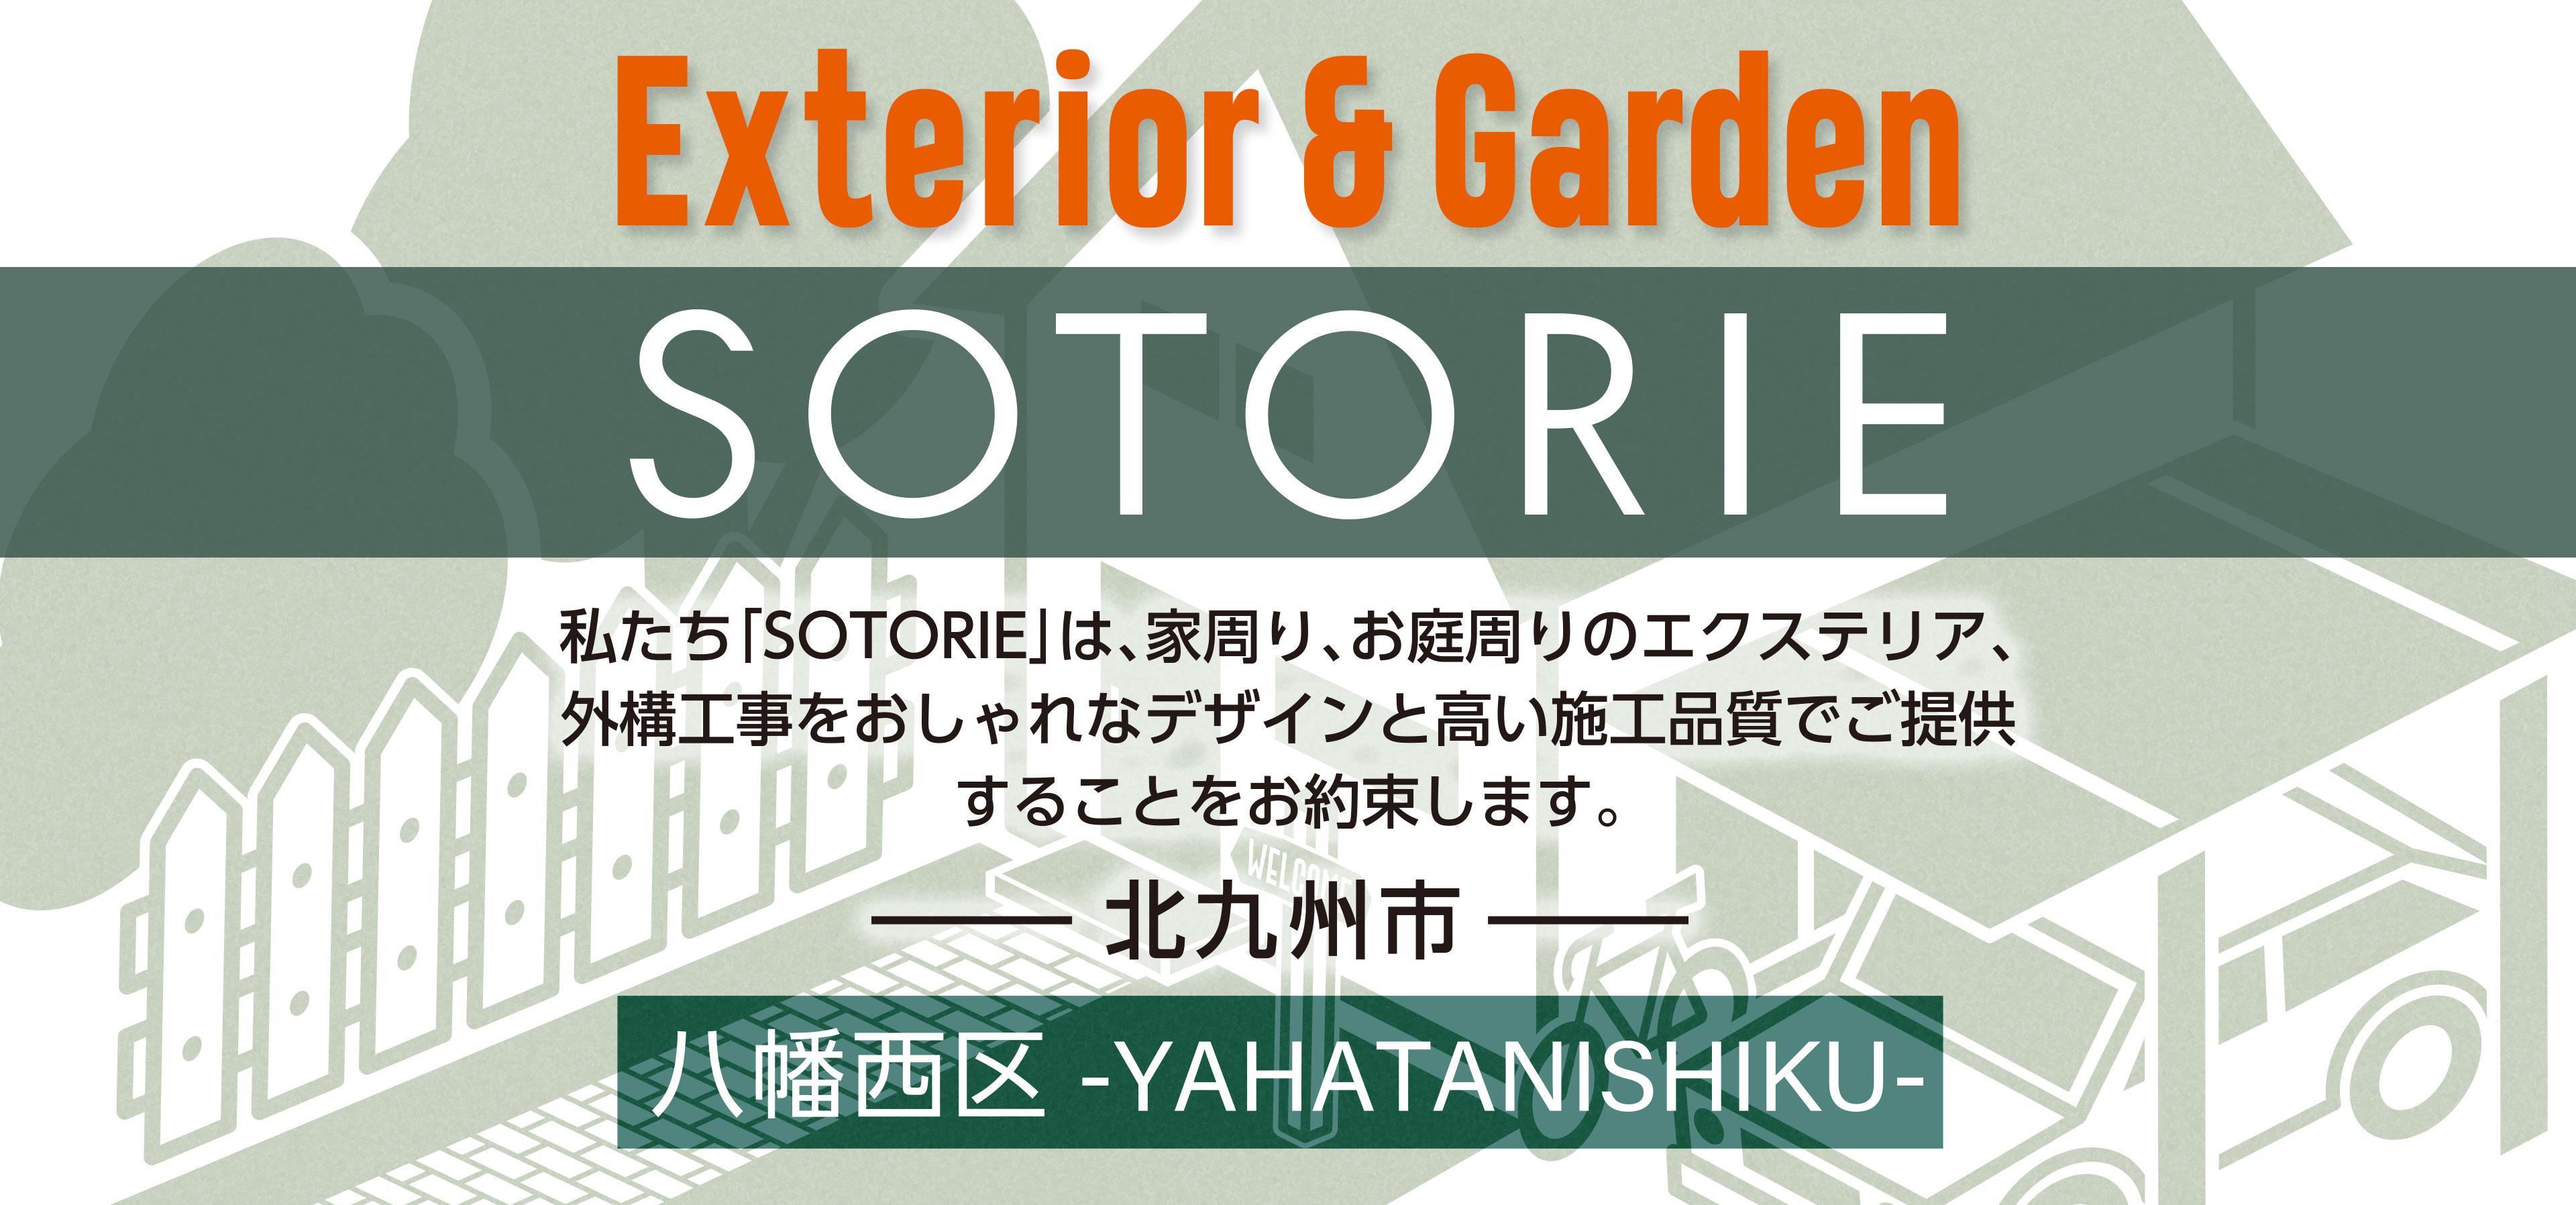 ソトリエ北九州市八幡西区では、家周りと庭周りの外構、エクステリア工事をおしゃれなデザインと高い施工品質でご提供することをお約束します。